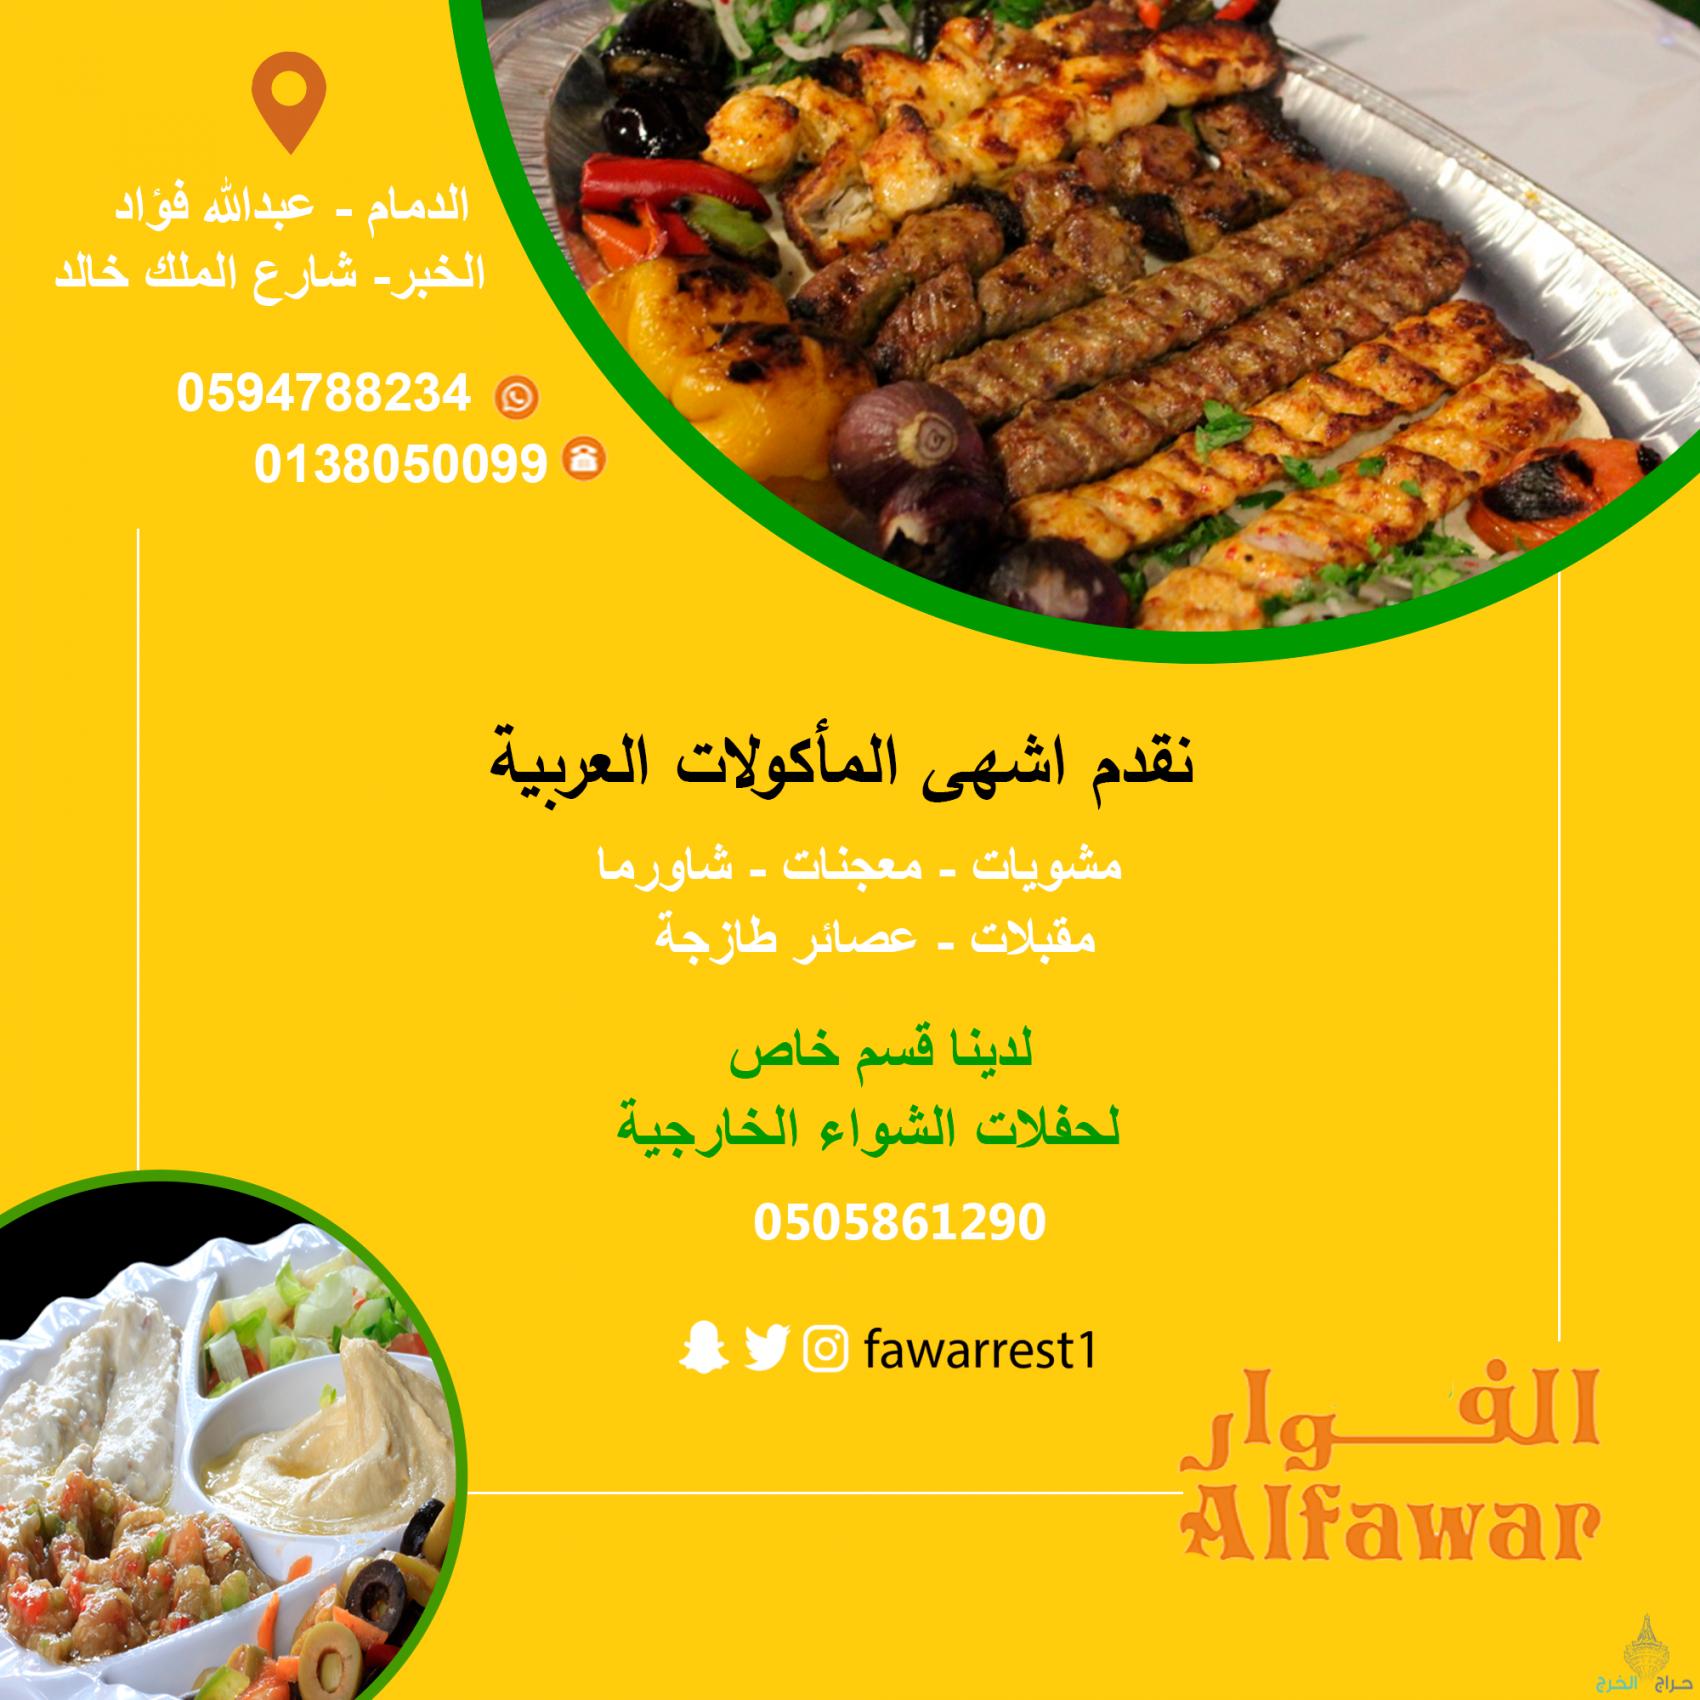 مطعم الفوار للمأكولات العربيه _قسم خاص لحفلات الشواء الخارجية_